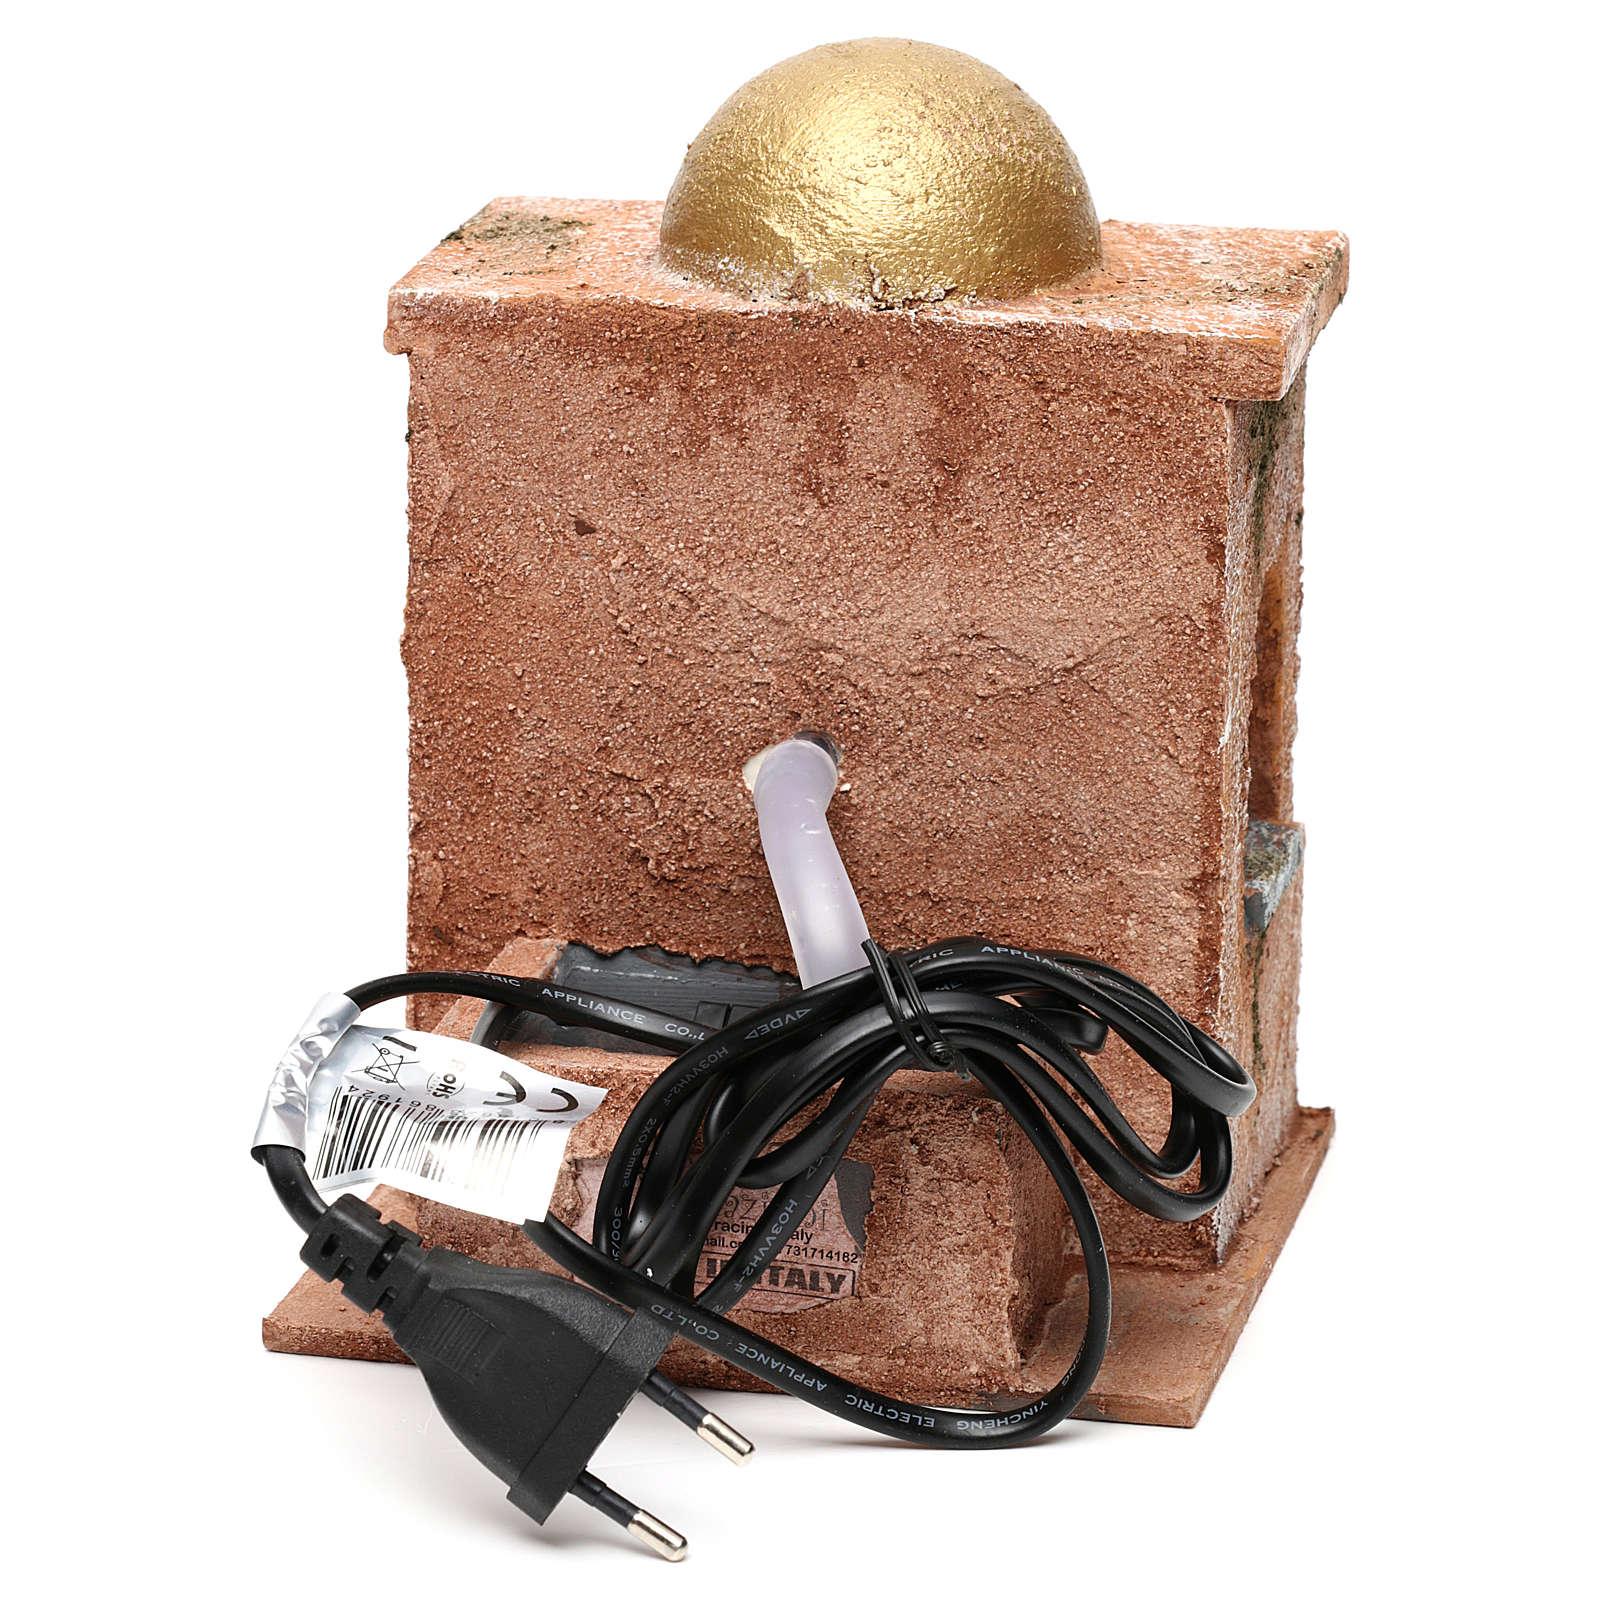 Fontana elettrica per presepe 10 12 cm 20x15x15 4